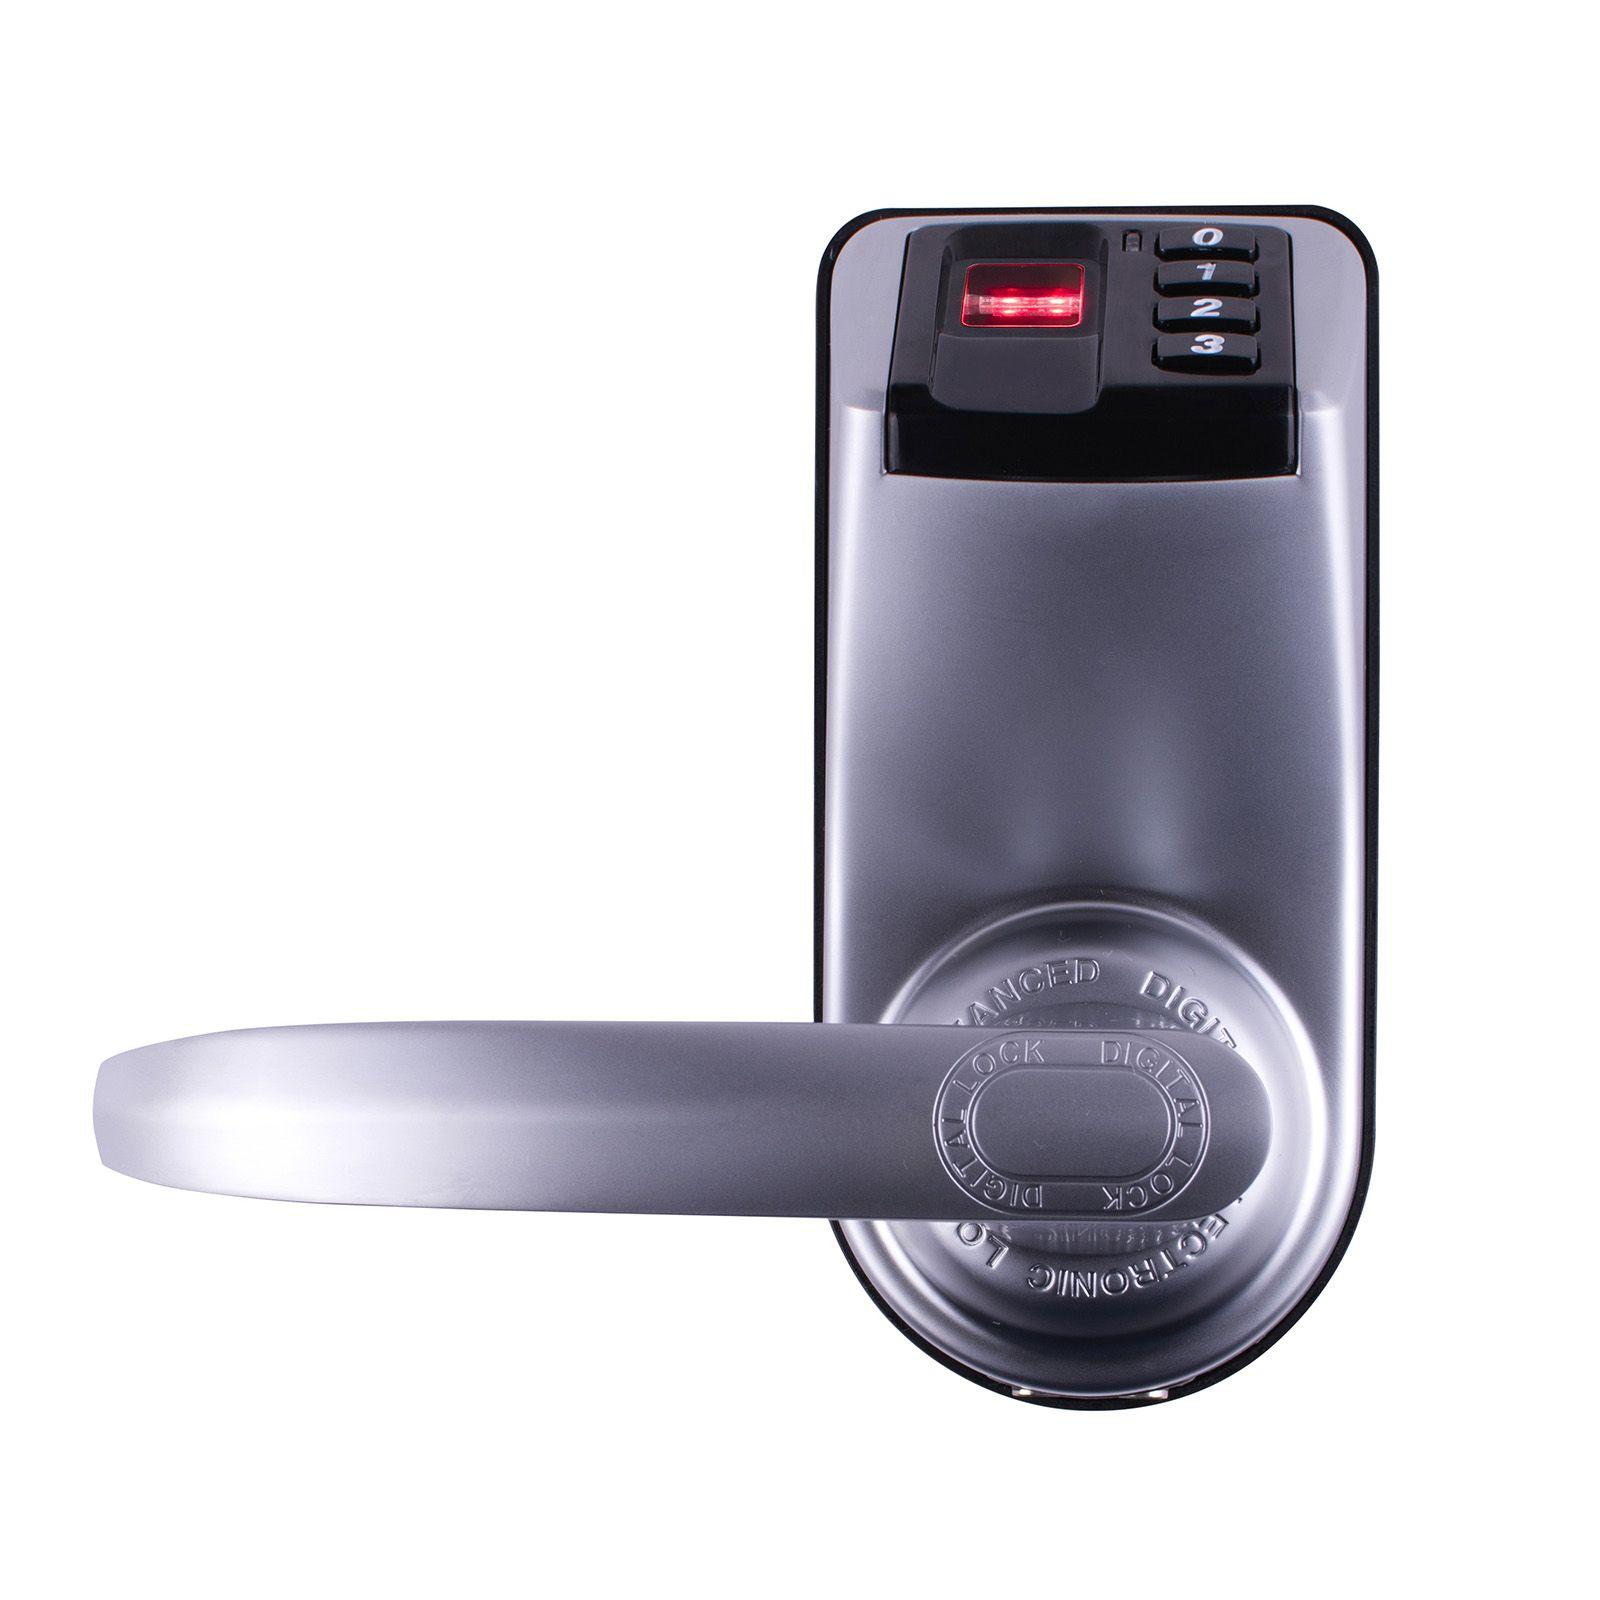 Adel 3398 Trinity door lock fingerprintsPIN and mechanical key to open the door  sc 1 st  Pinterest & Adel 3398 Trinity door lock: fingerprintsPIN and mechanical key ...